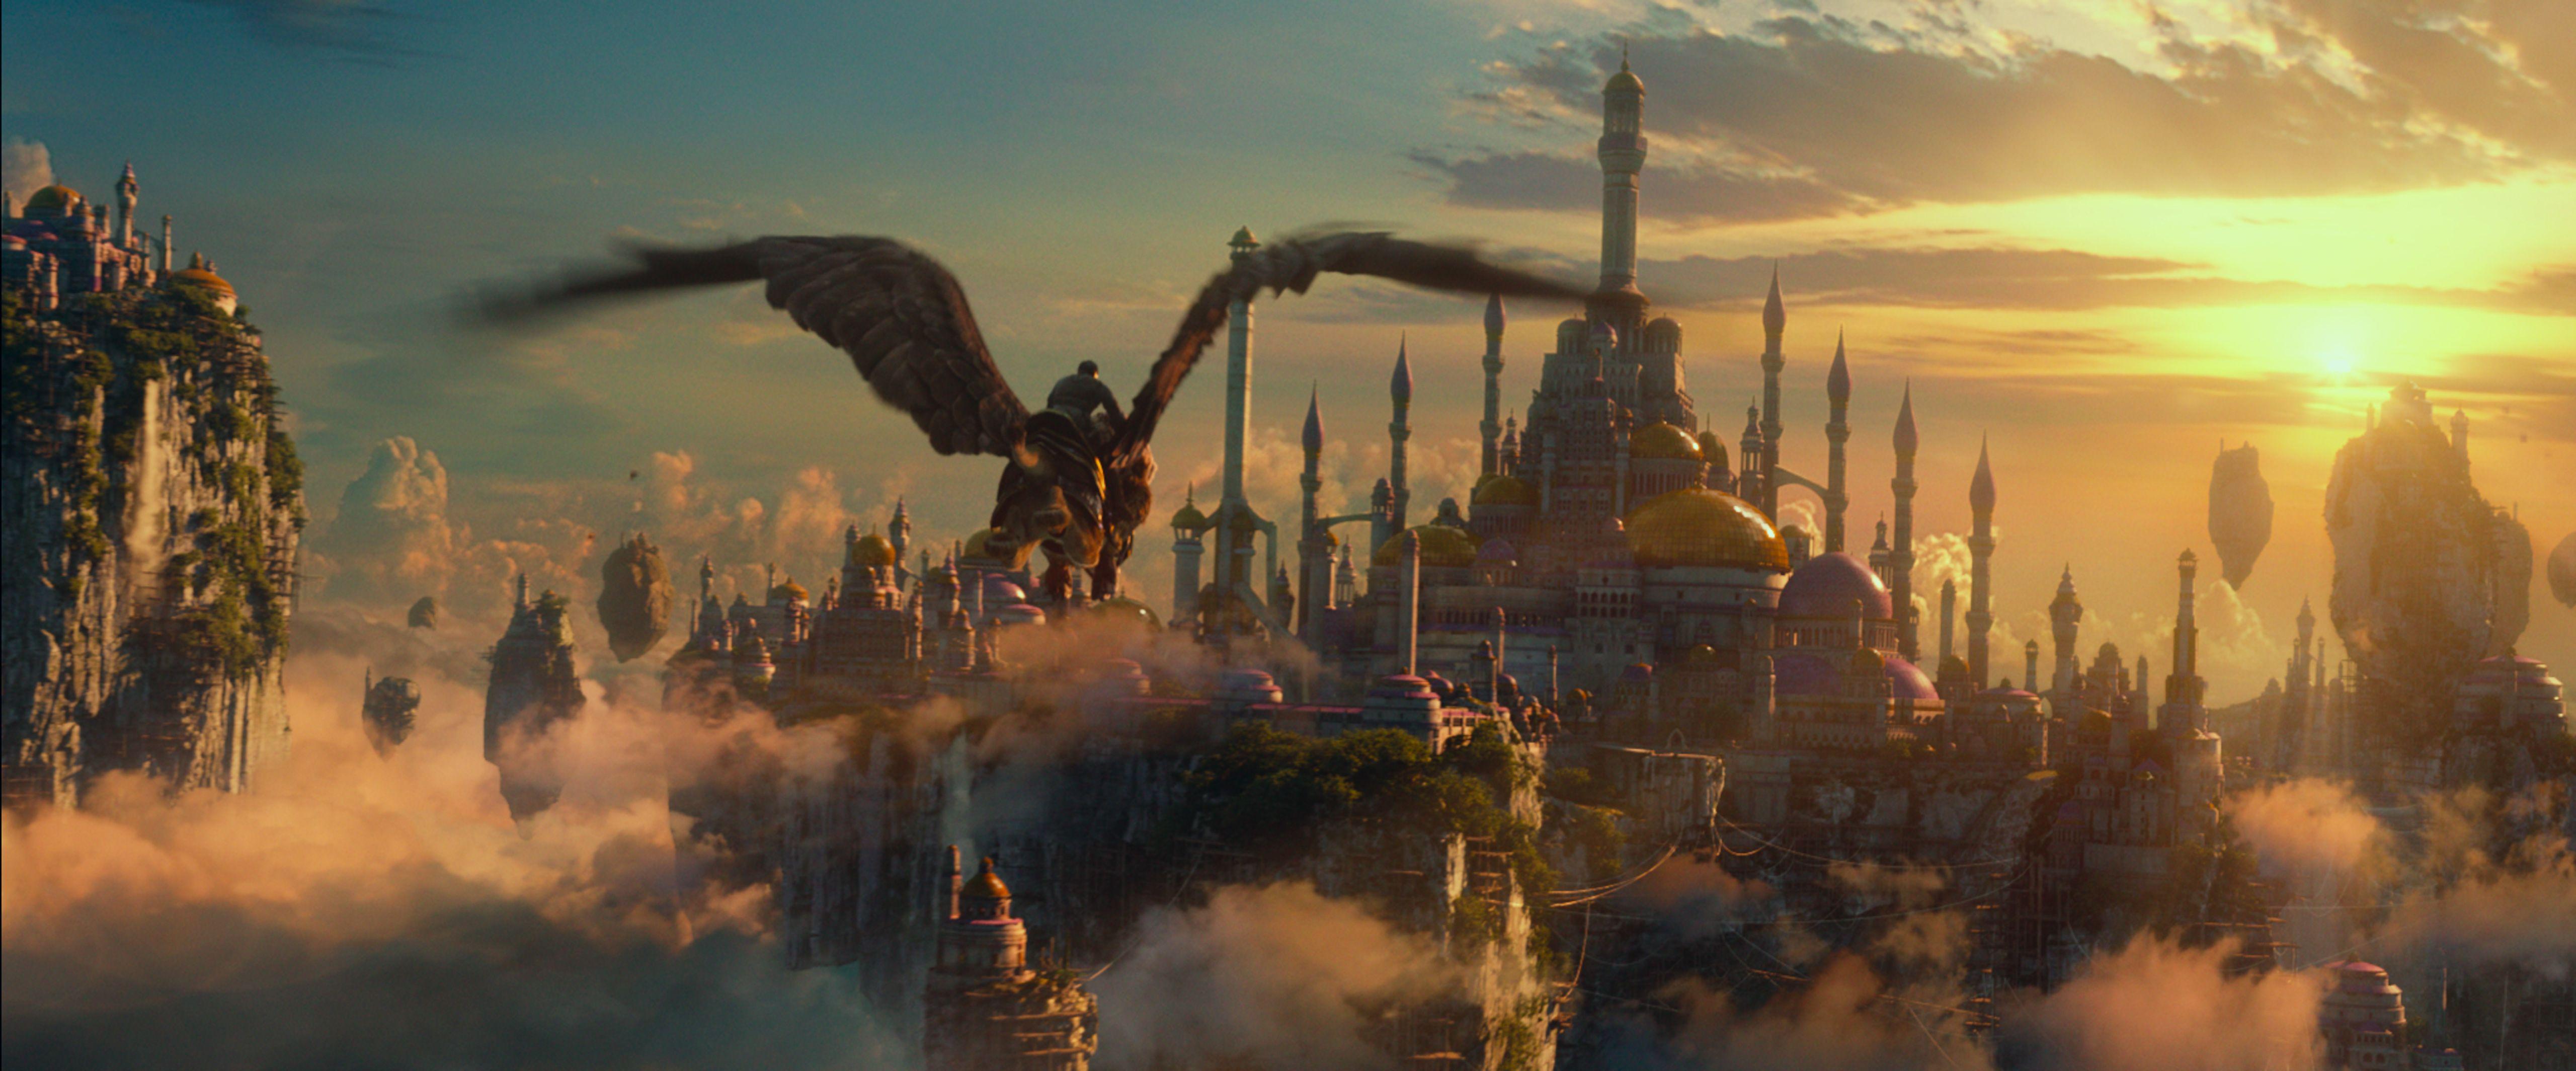 warcraft movie new trailer reveals lothar durotan alliance